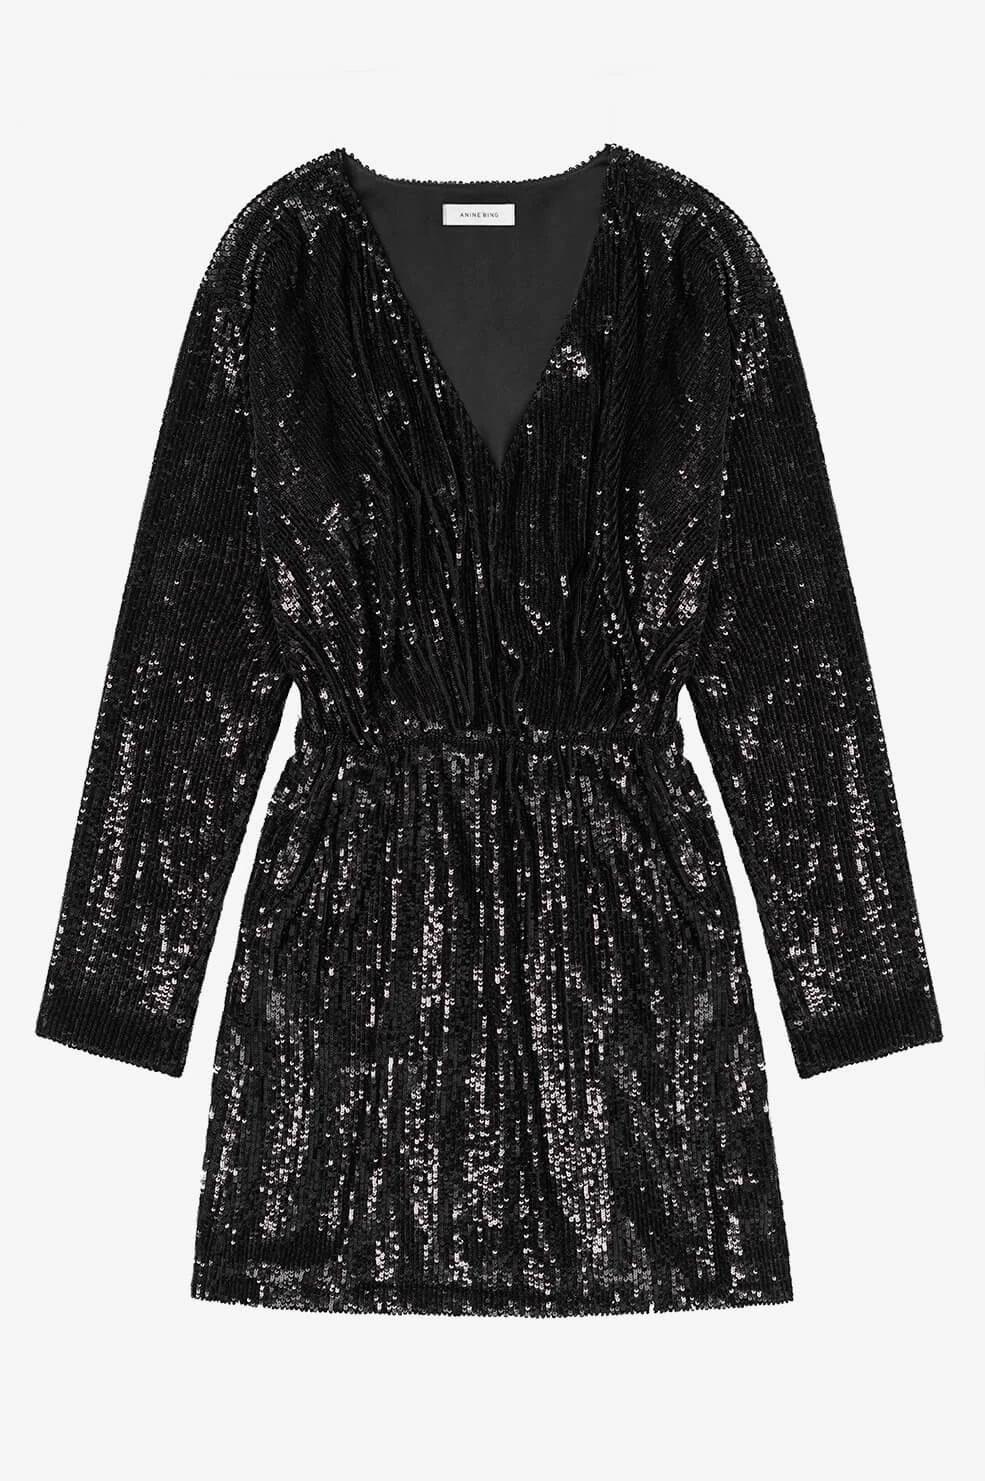 Anine Bing jurk Elena A-02-1158-005 zwart